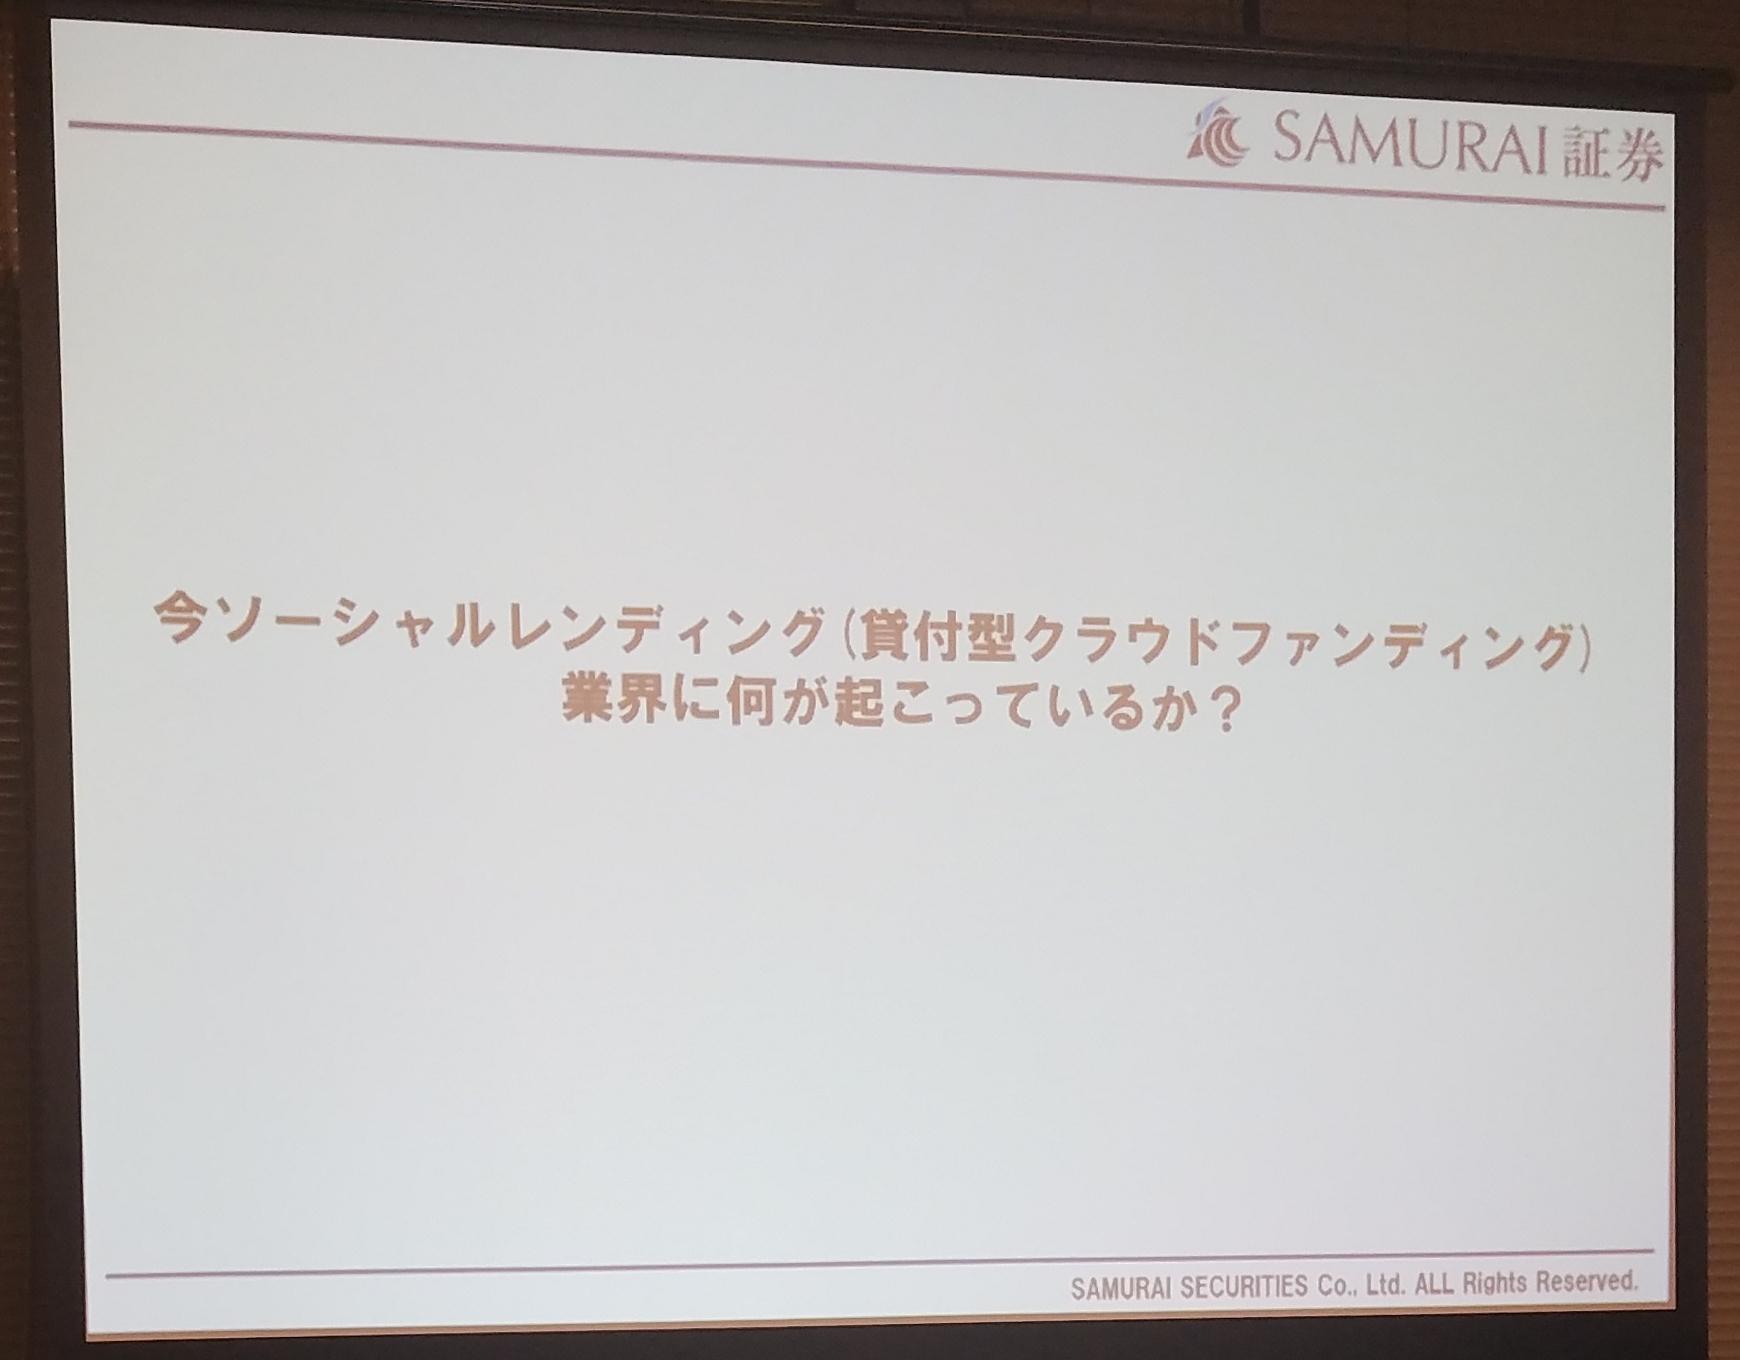 03_SAMURAIセミナー参加報告